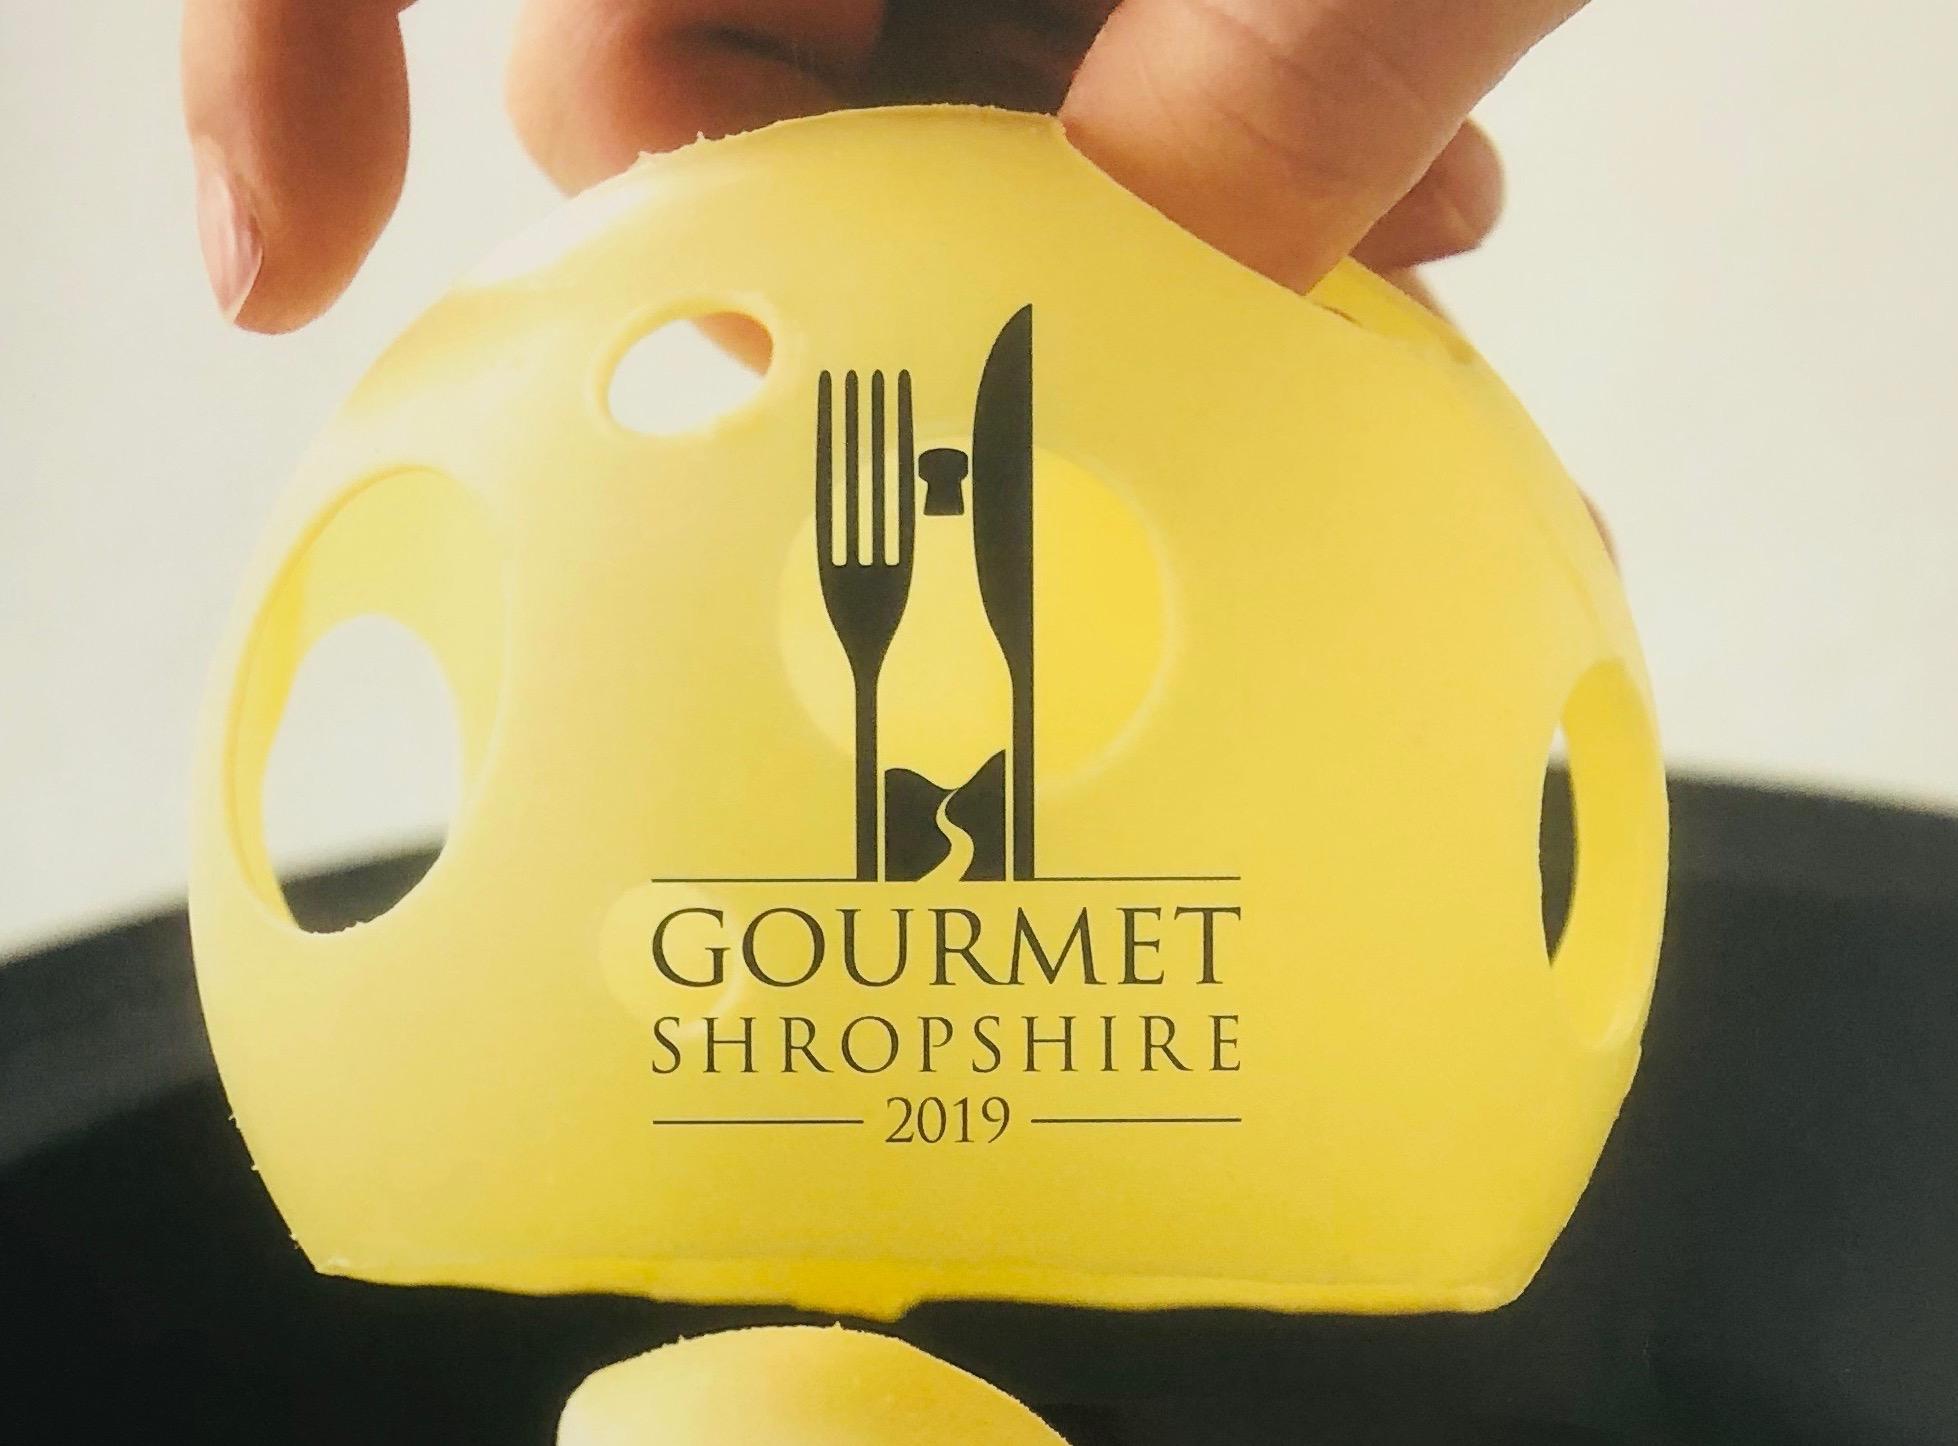 Gourmet Shropshire Magazine copy